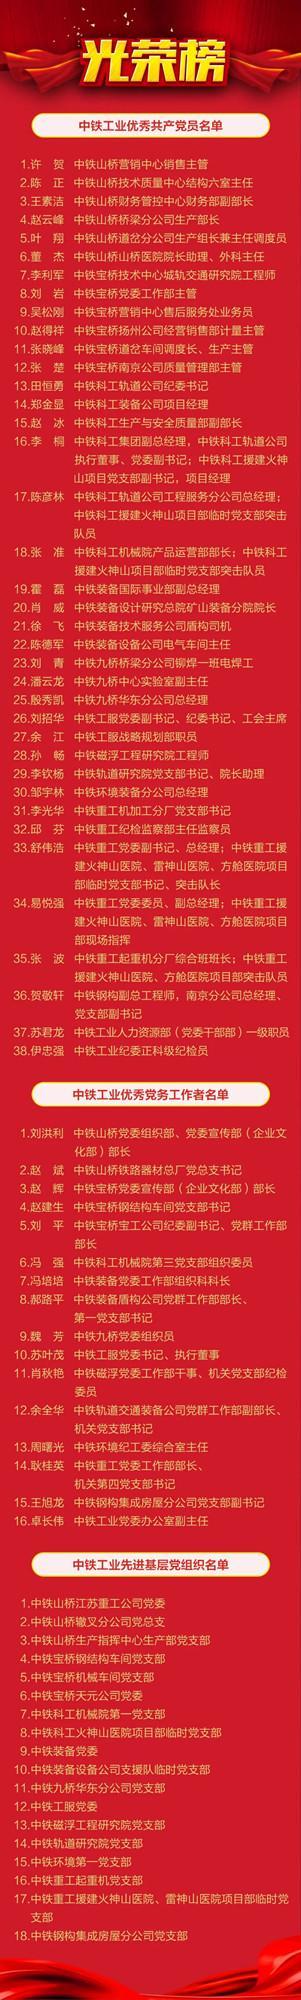 """中铁工业党委召开纪念中国共产党成立99周年暨""""两优一先""""表彰大会"""